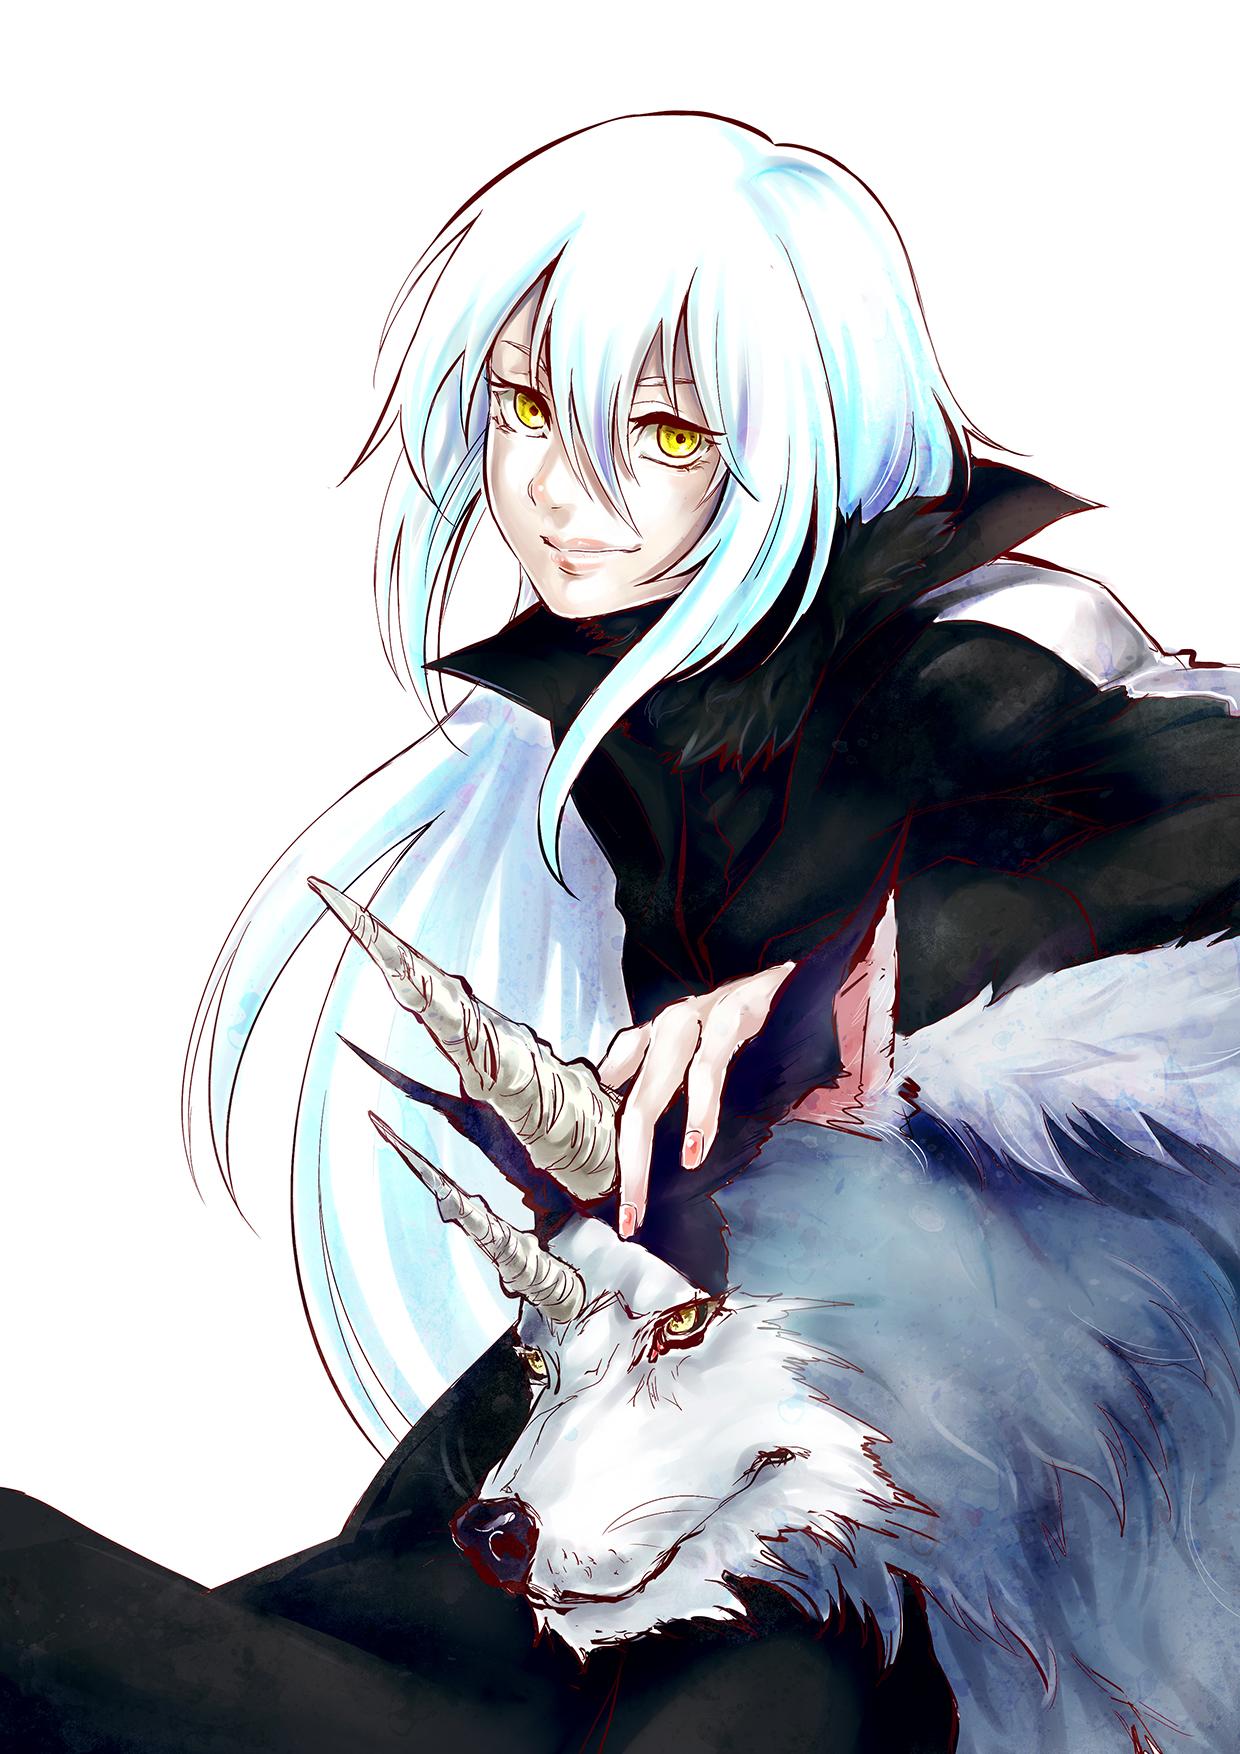 Tensei Shitara Slime Datta Ken Image 2502362 Zerochan Anime Image